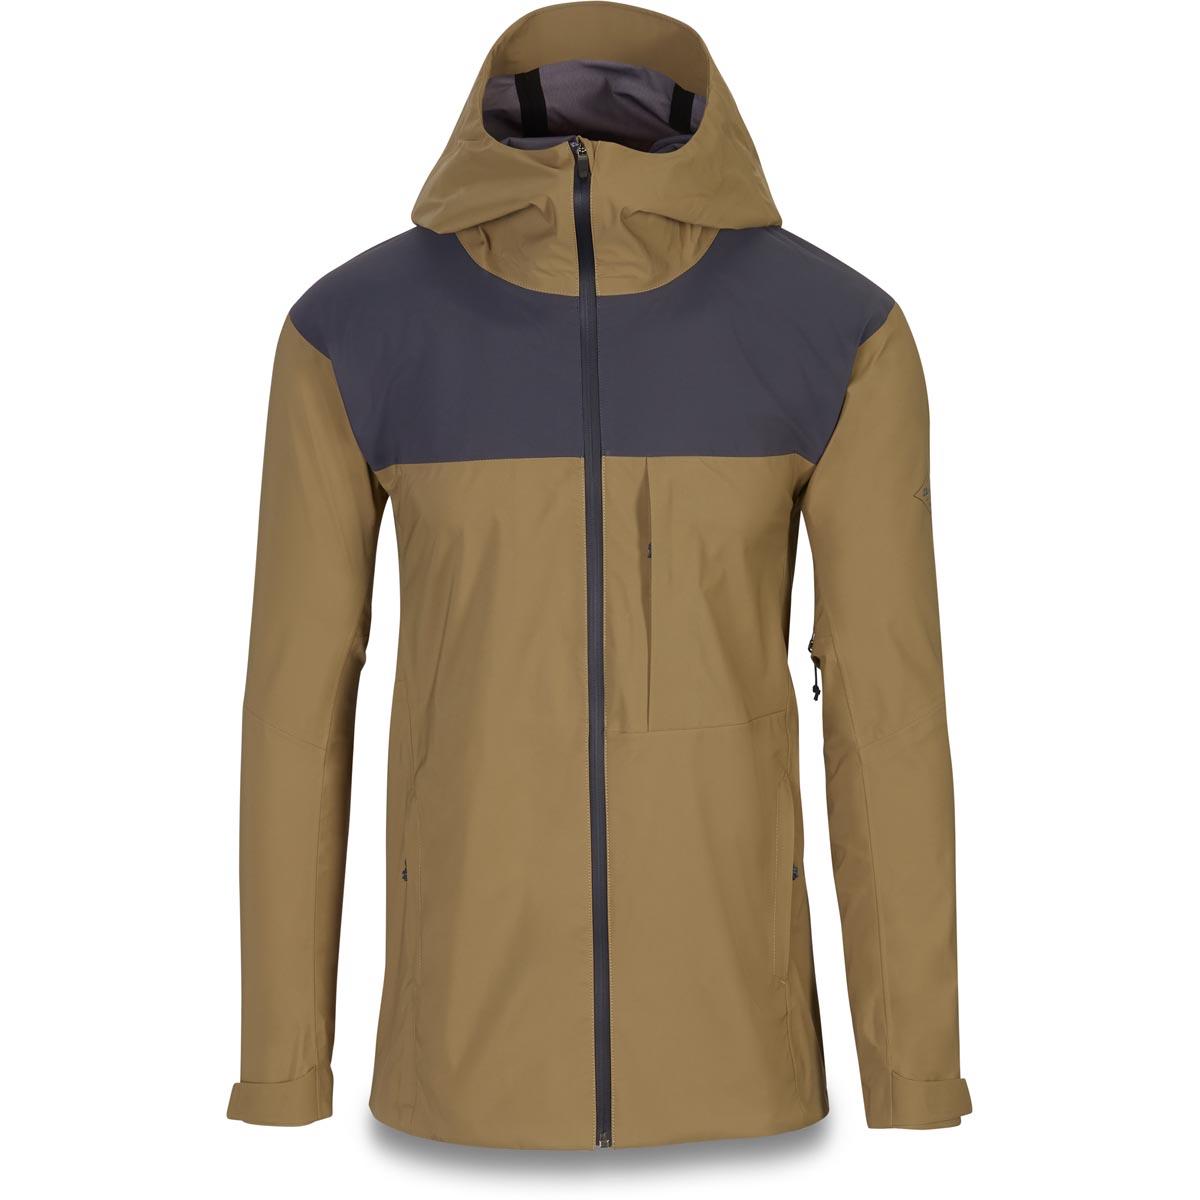 Dakine Arsenal 3L Jacket Herren Jacke Sandstorm   India Ink  45c9c1fcf